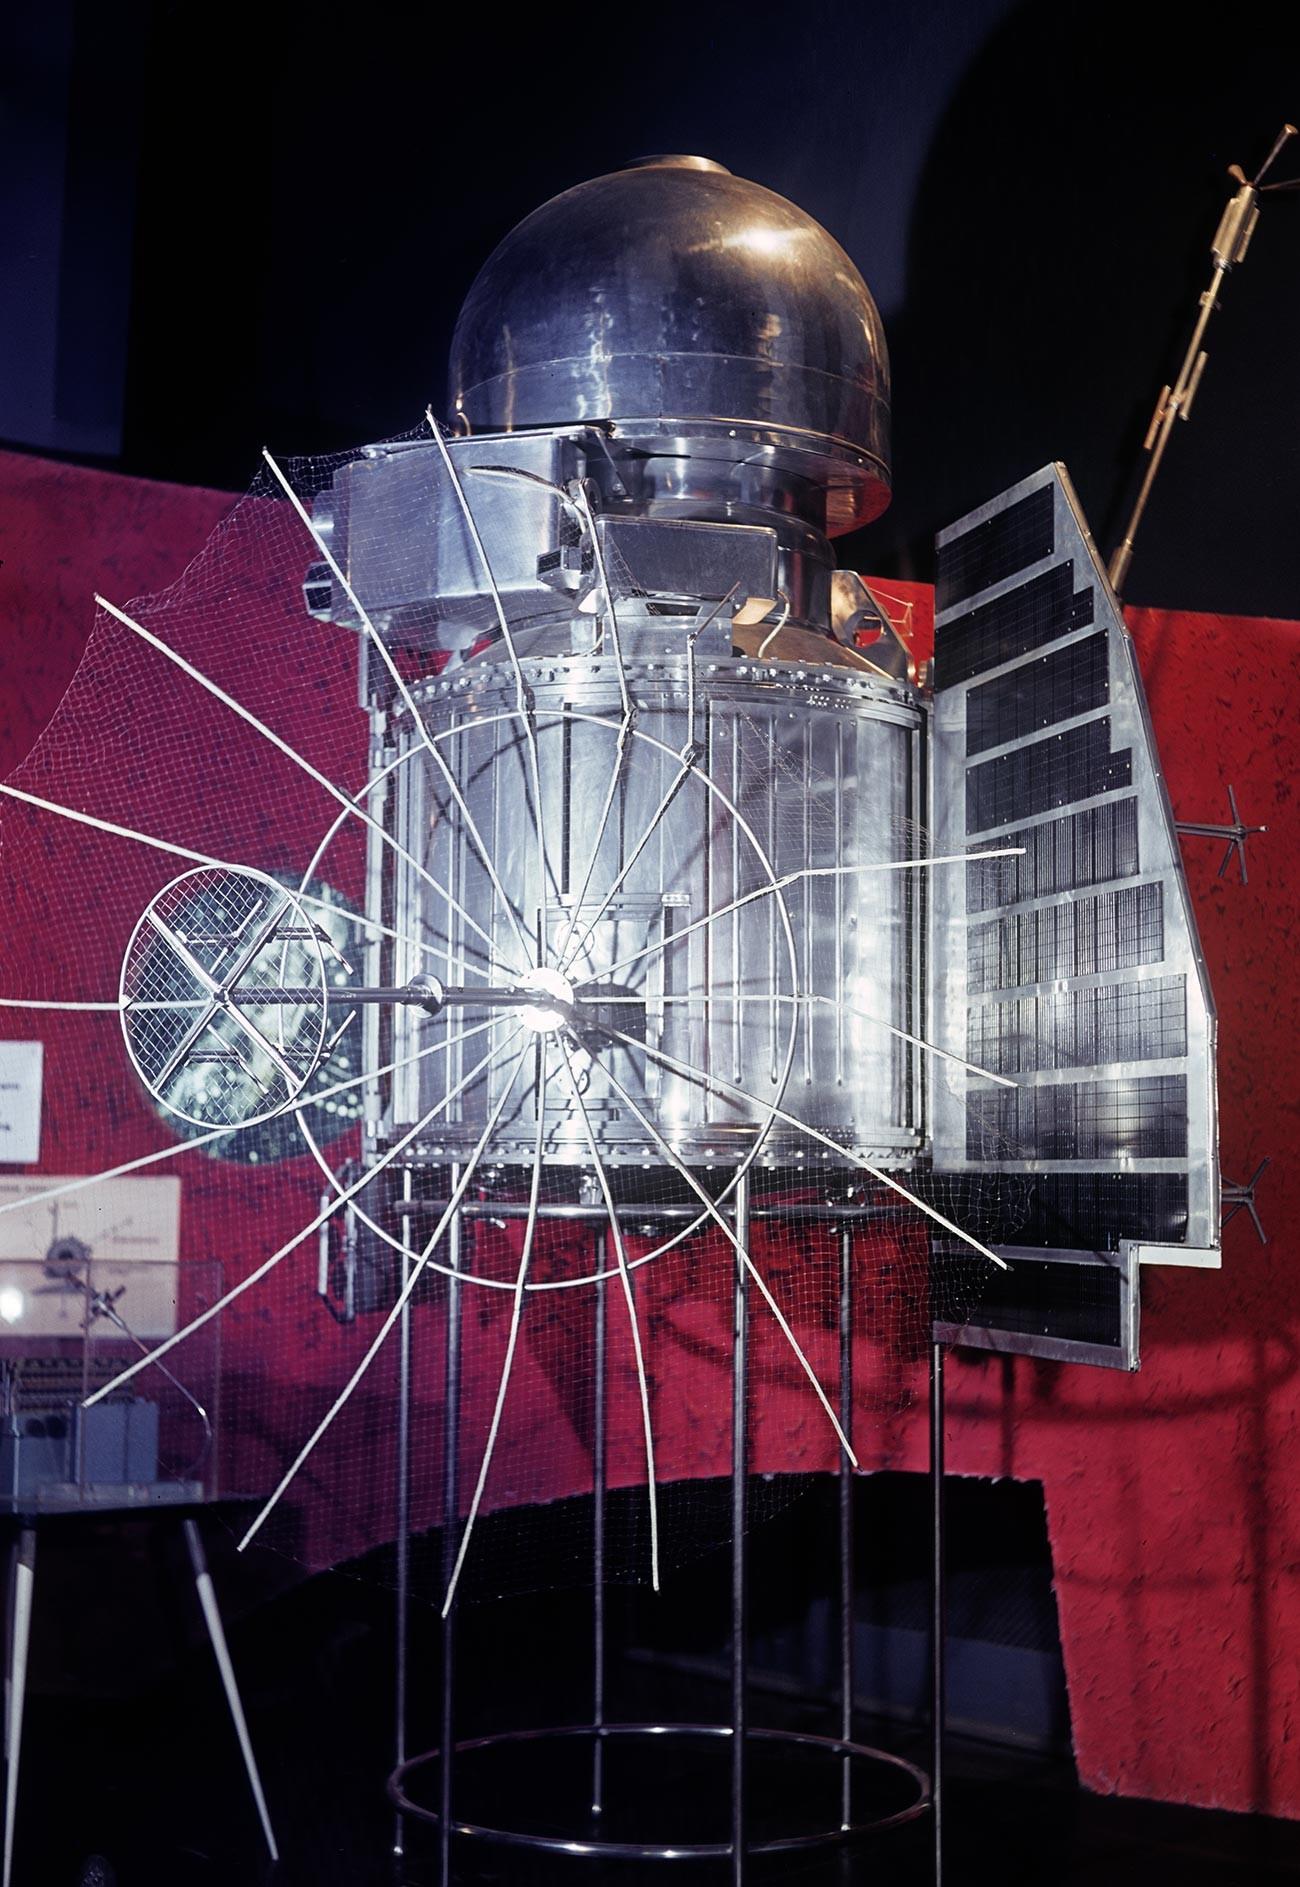 Maqueta de la nave espacial Venera 1